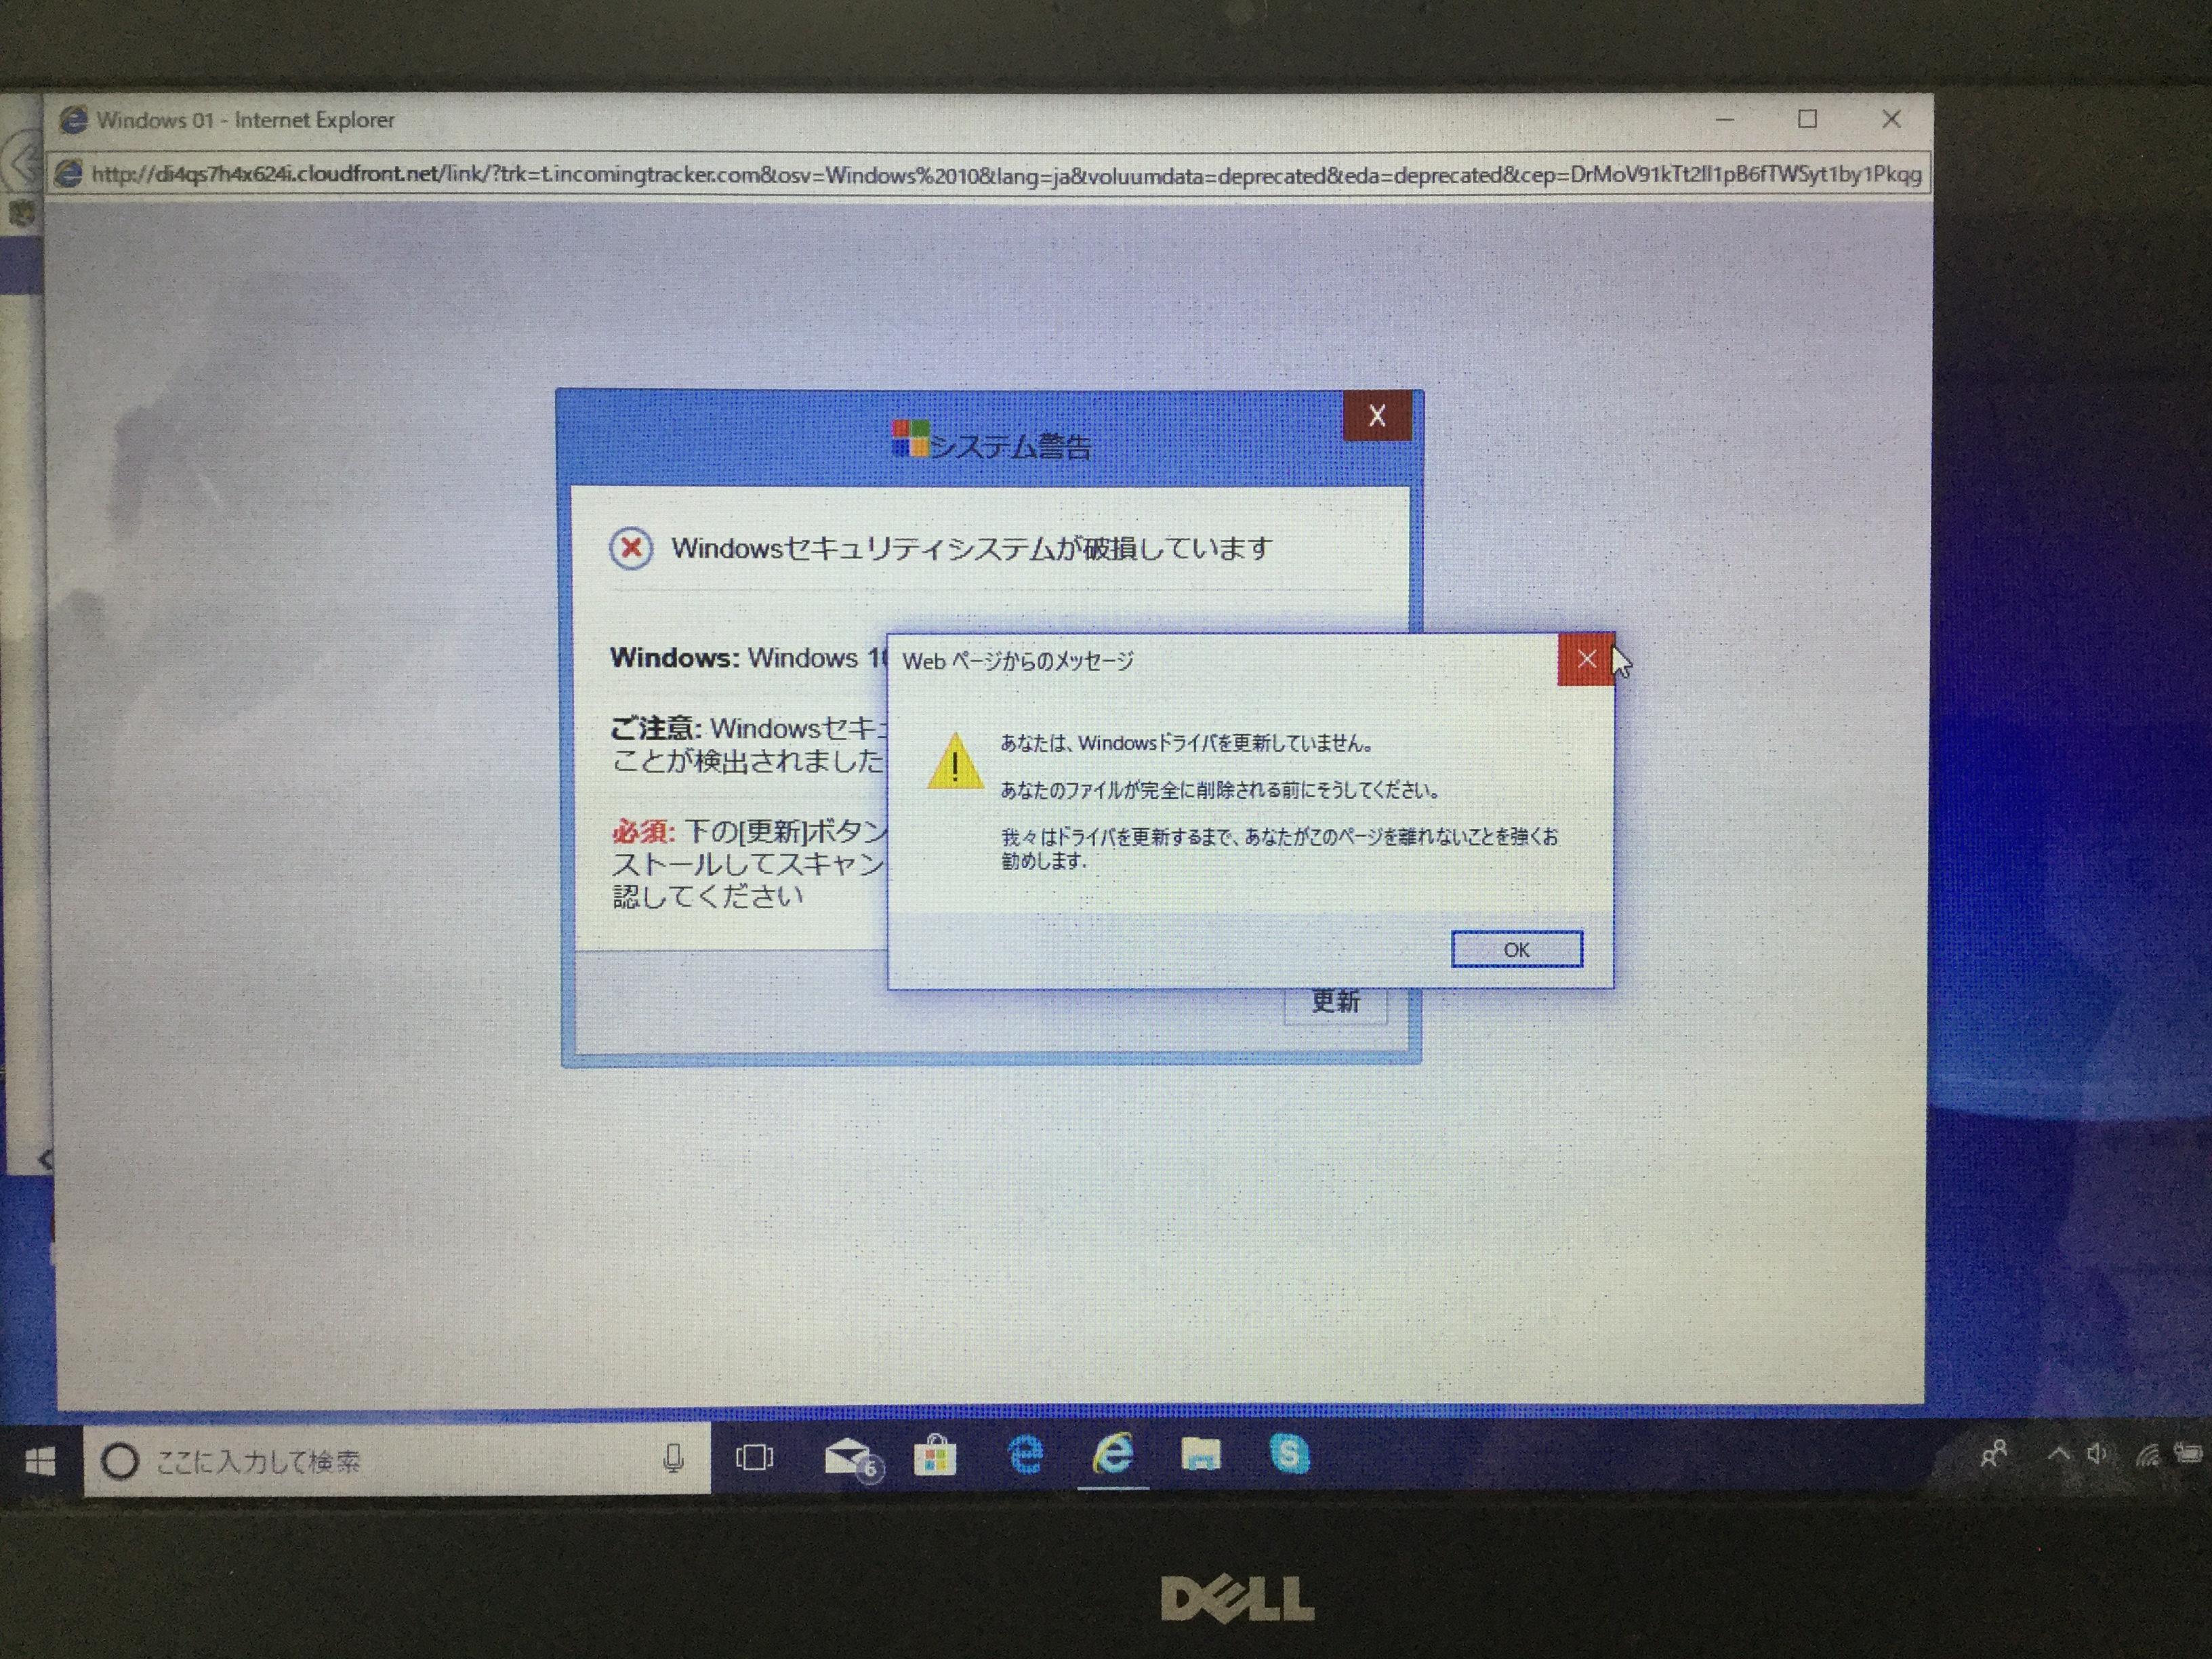 千葉県市川市 ノートパソコンが起動しない/DELL(デル) Windows 10のイメージ